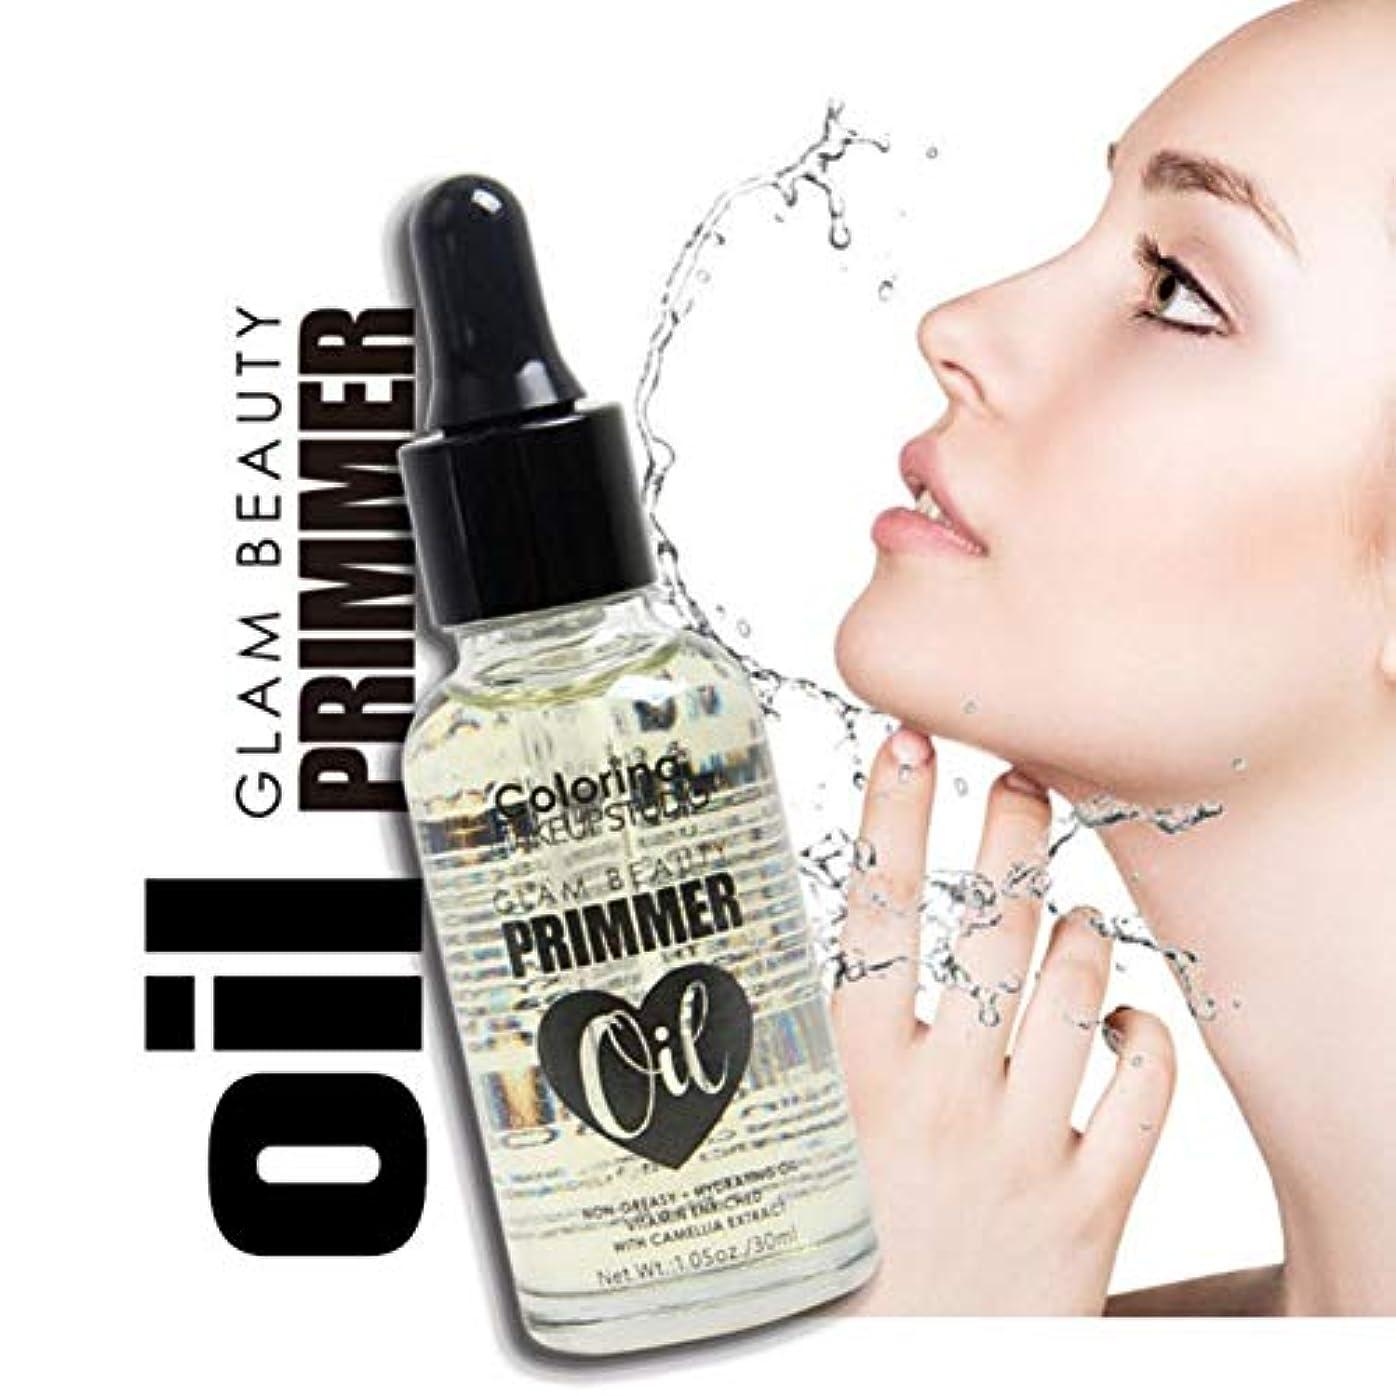 虐殺約栄光の化粧前のエッセンシャルオイル-非GMO-コールドプレス-天然保湿剤&化粧落とし-保湿性収縮毛穴栄養肌フェイスメイクプライマー